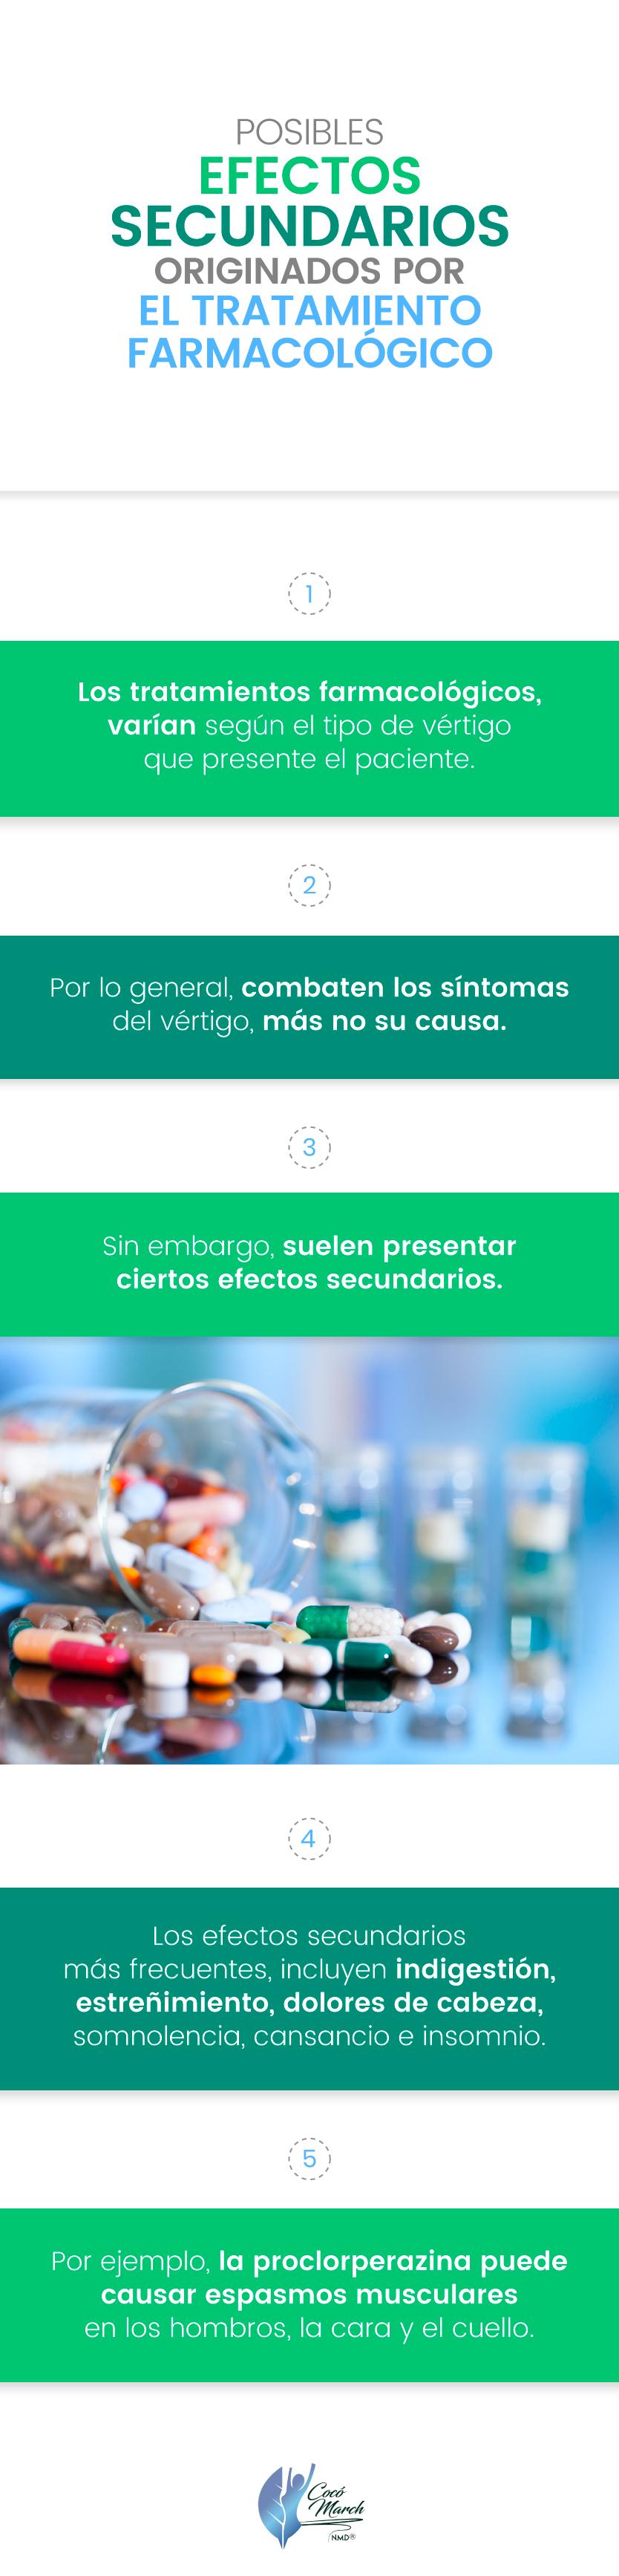 vertigo-efectos-secundarios-por-tratamiento-farmacologico